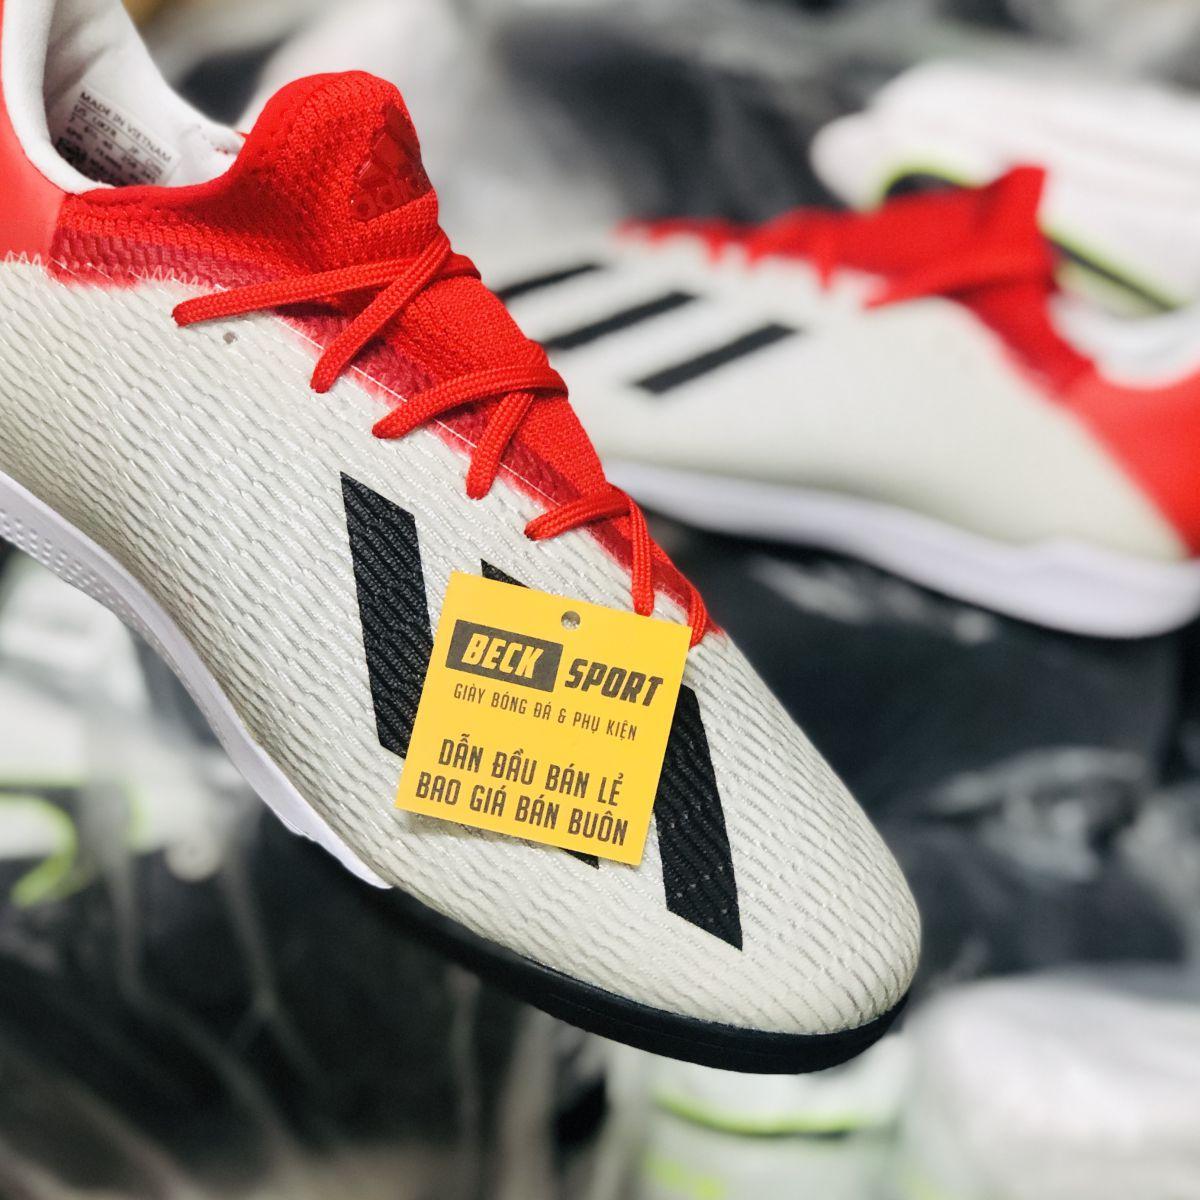 Giày Bóng Đá Adidas X 19.3 Xám Vạch Đen Gót Đỏ TF